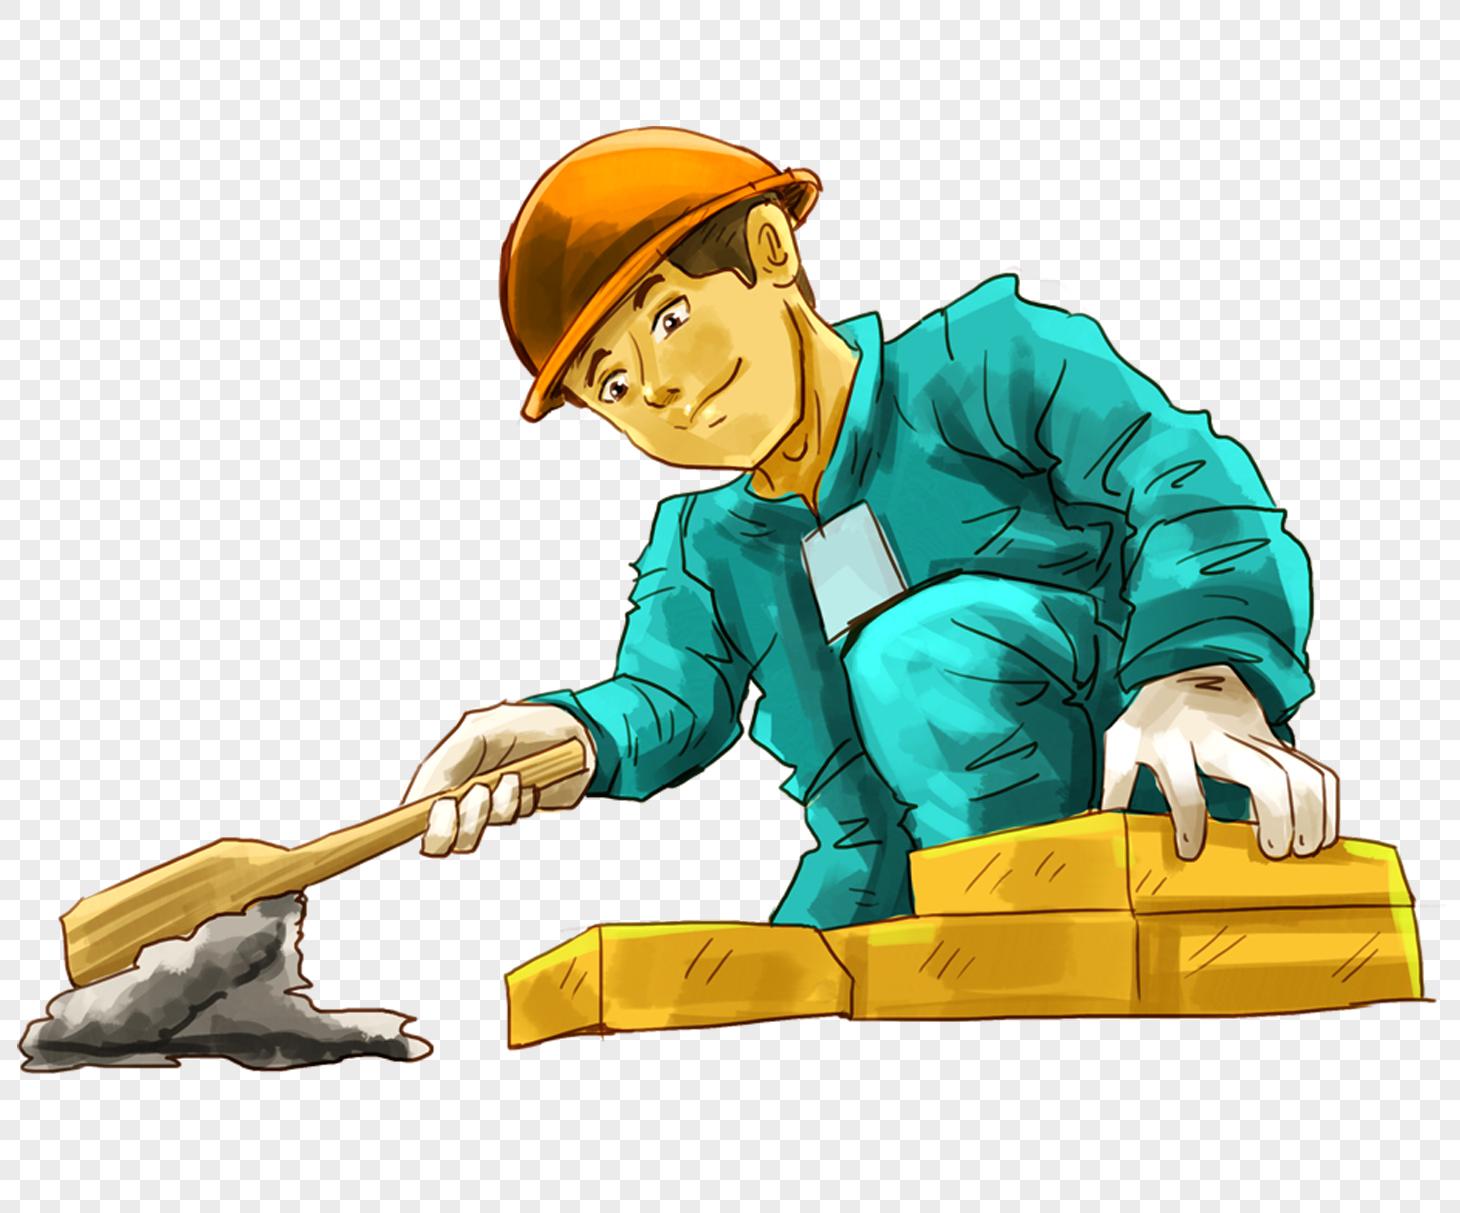 图片 素材 手绘/卡通元素 建筑工人.